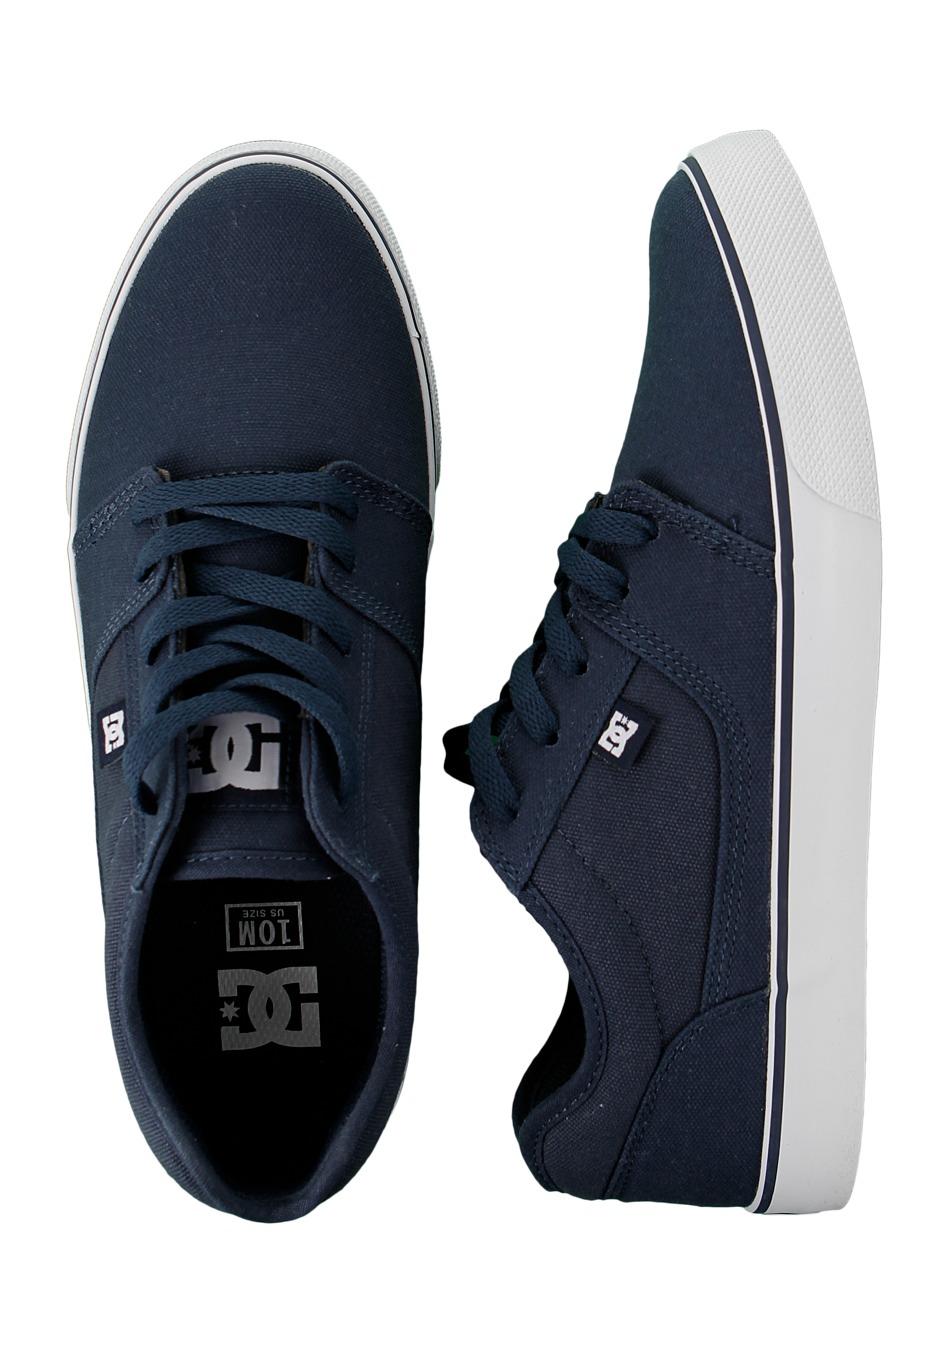 503aeda6945de DC - Tonik TX DC Navy White - Shoes - Impericon.com UK